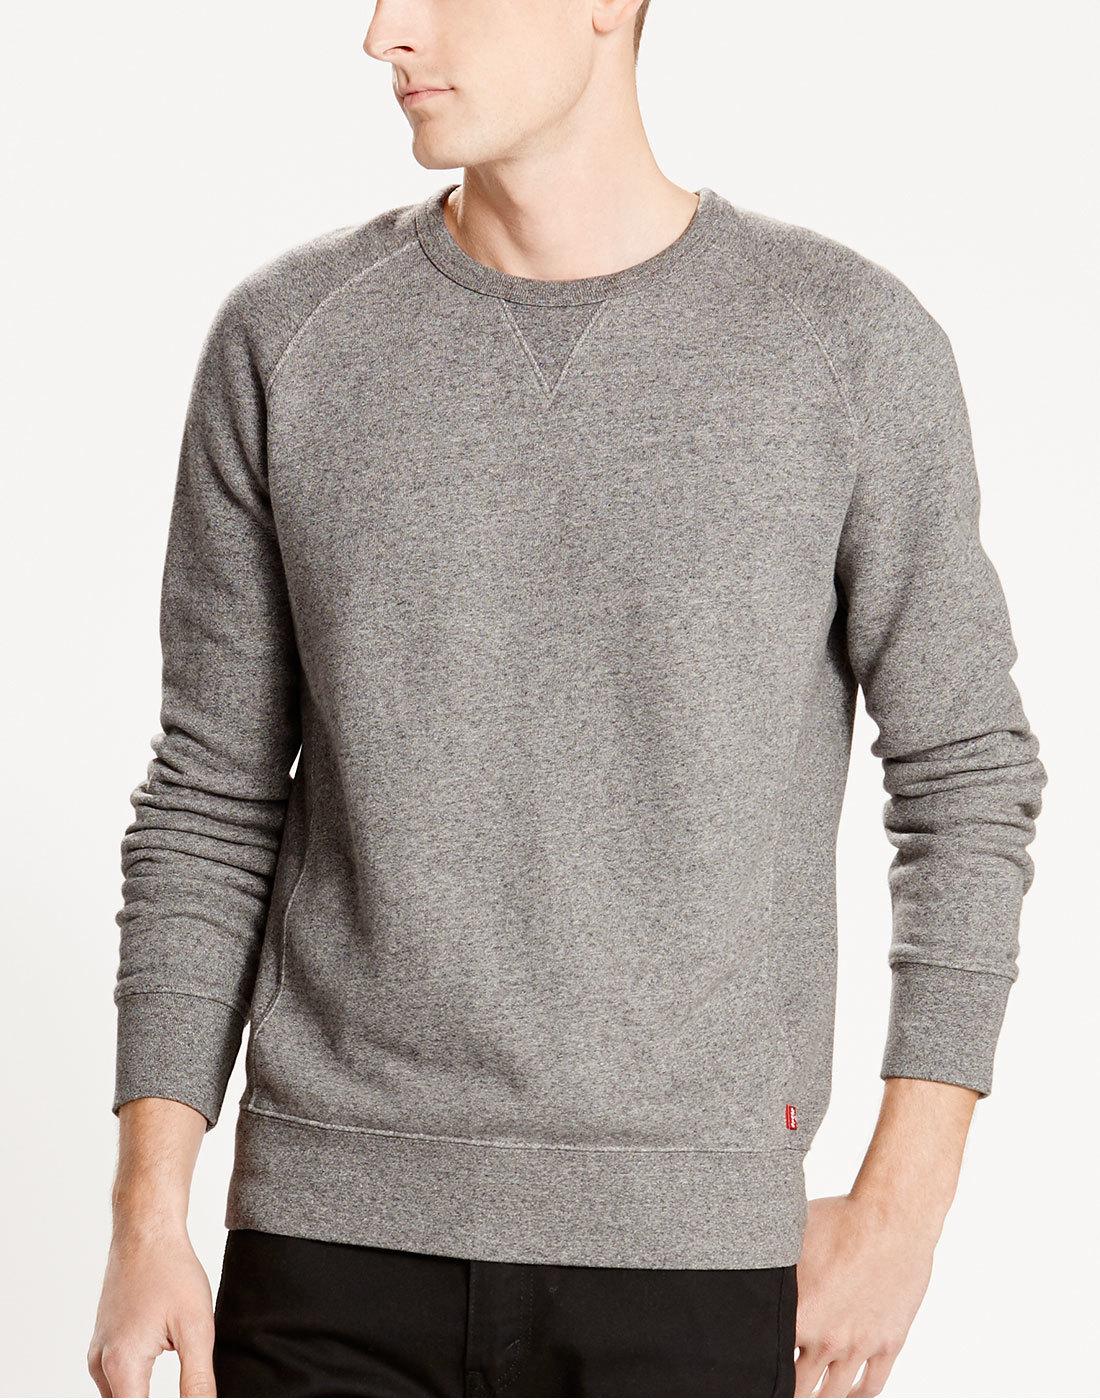 LEVI'S® Retro 70s Mens Original Sweater in Grey